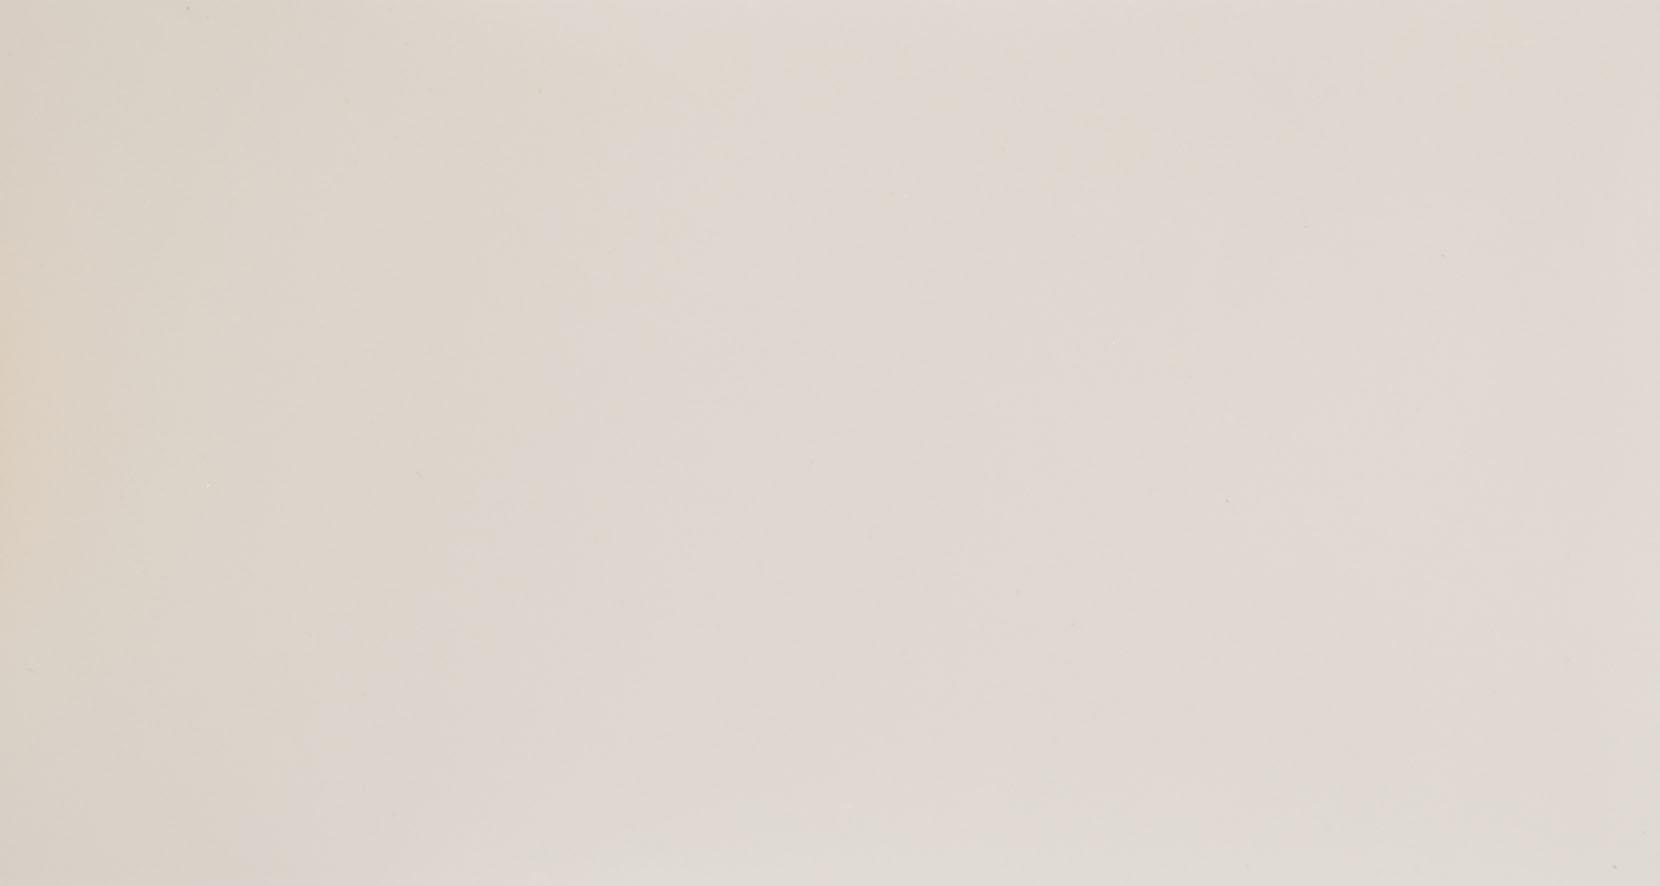 Тон 16. Тонировка II категории: эмаль белая